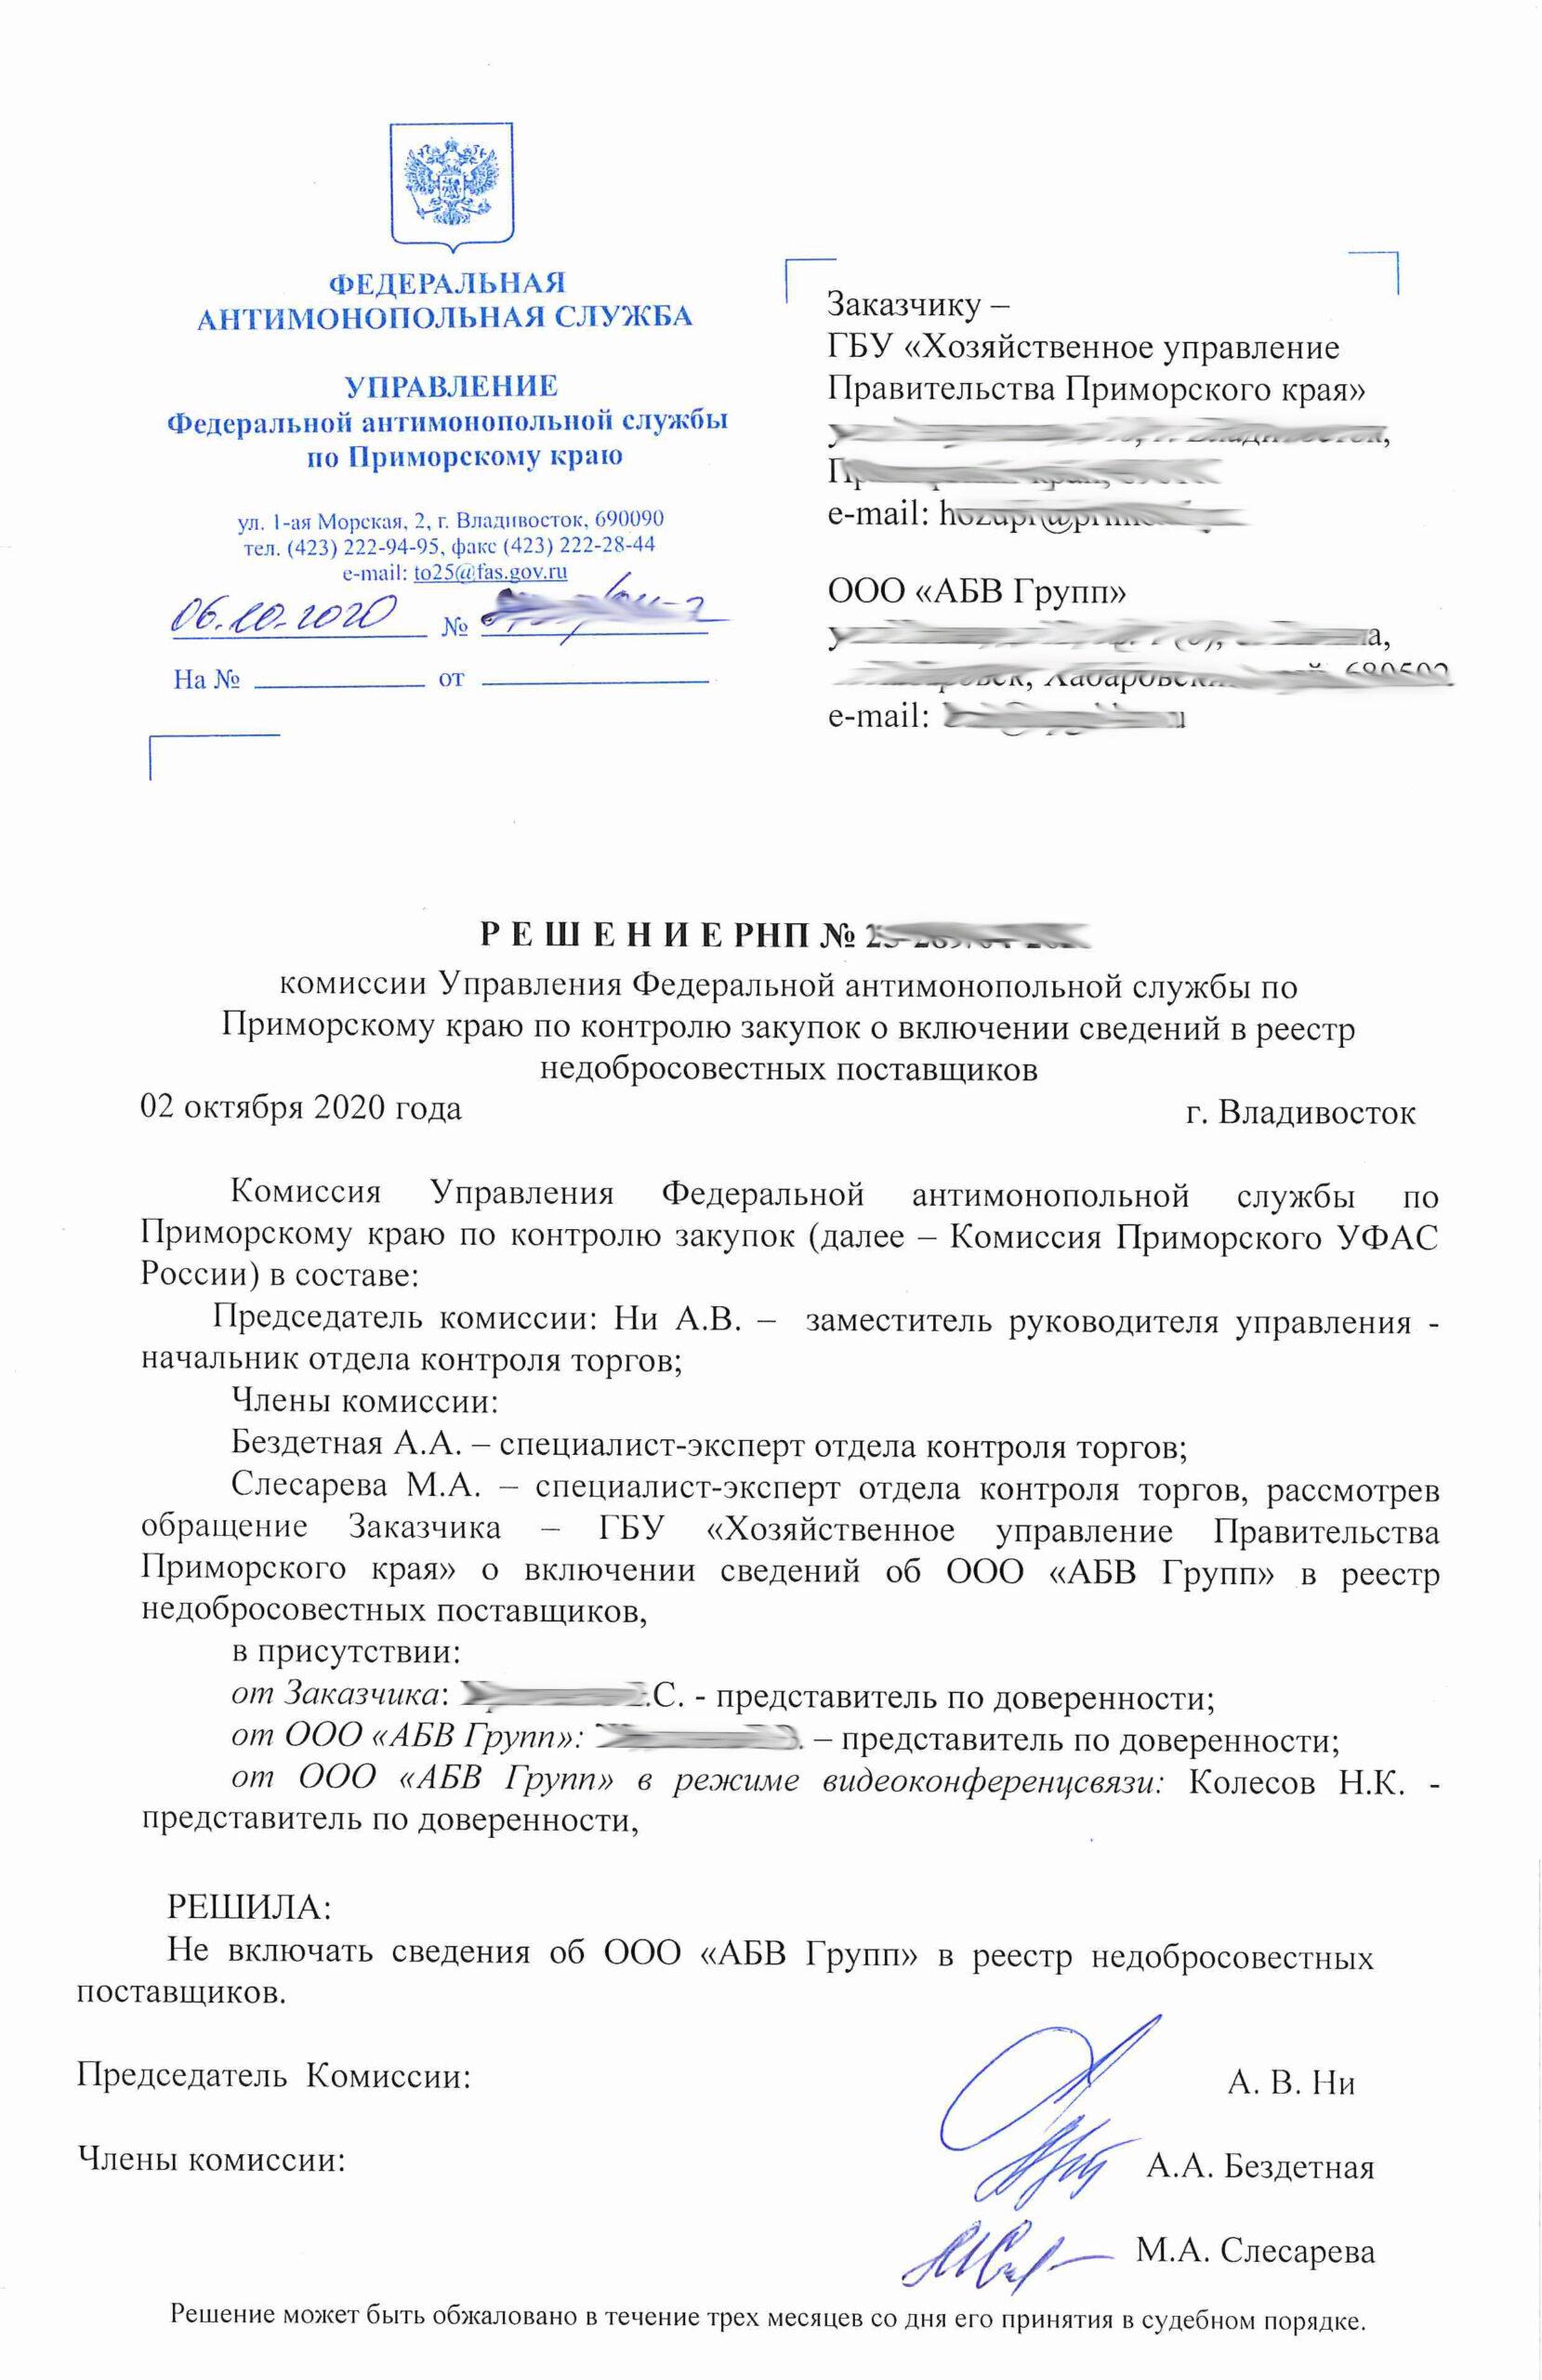 УФАС Приморский край АБВ Групп